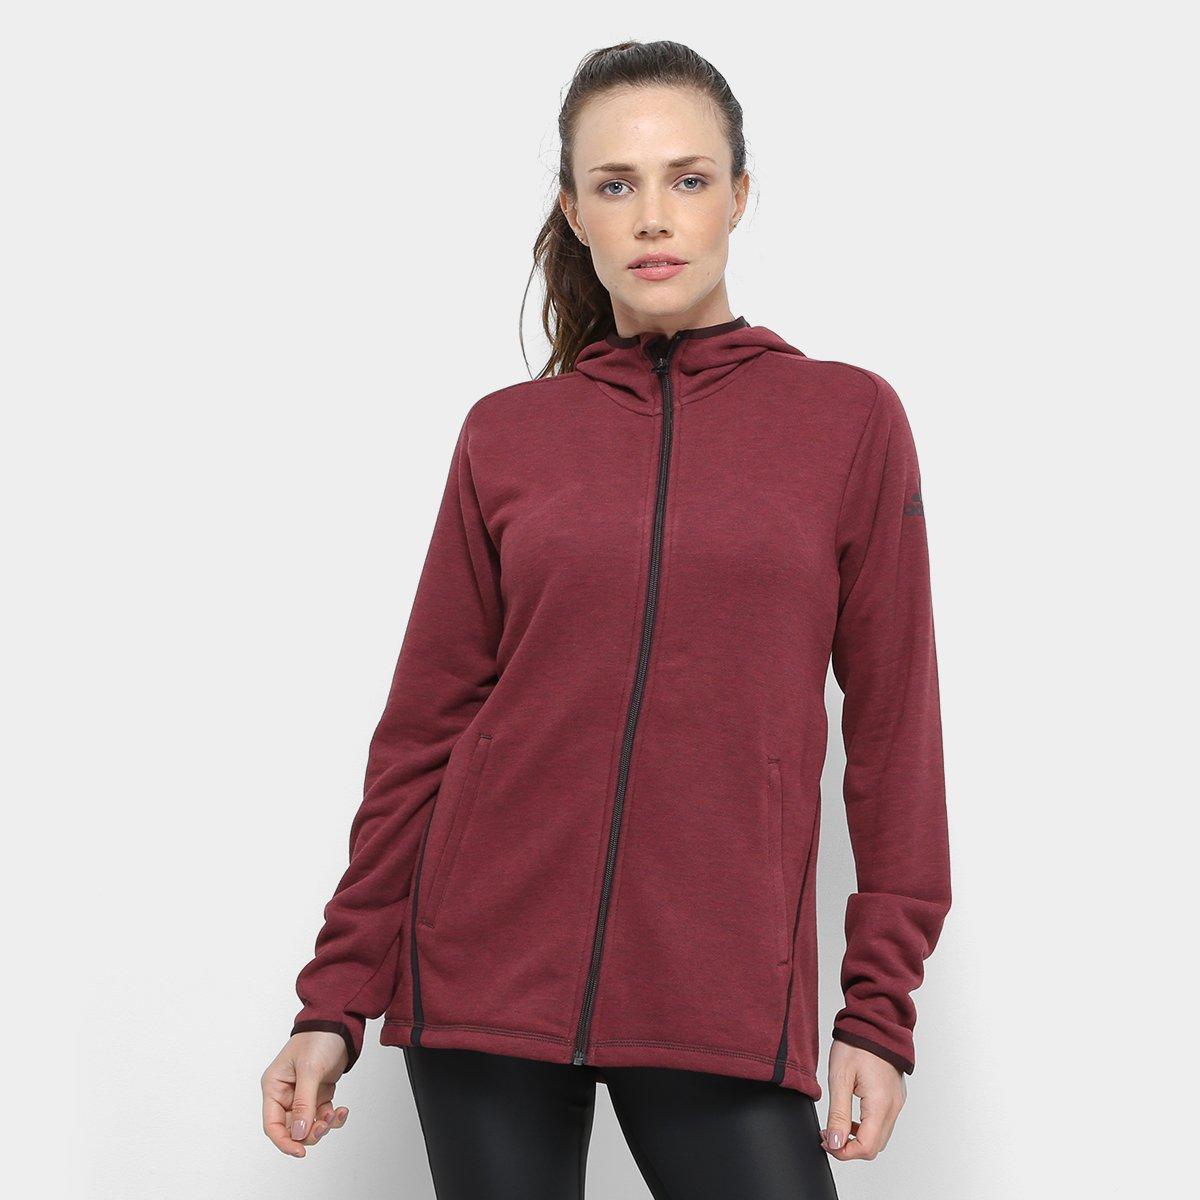 fa9d1361474 Jaqueta Adidas Freelift Light Hoodie Capuz Feminina - Vermelho Escuro -  Compre Agora